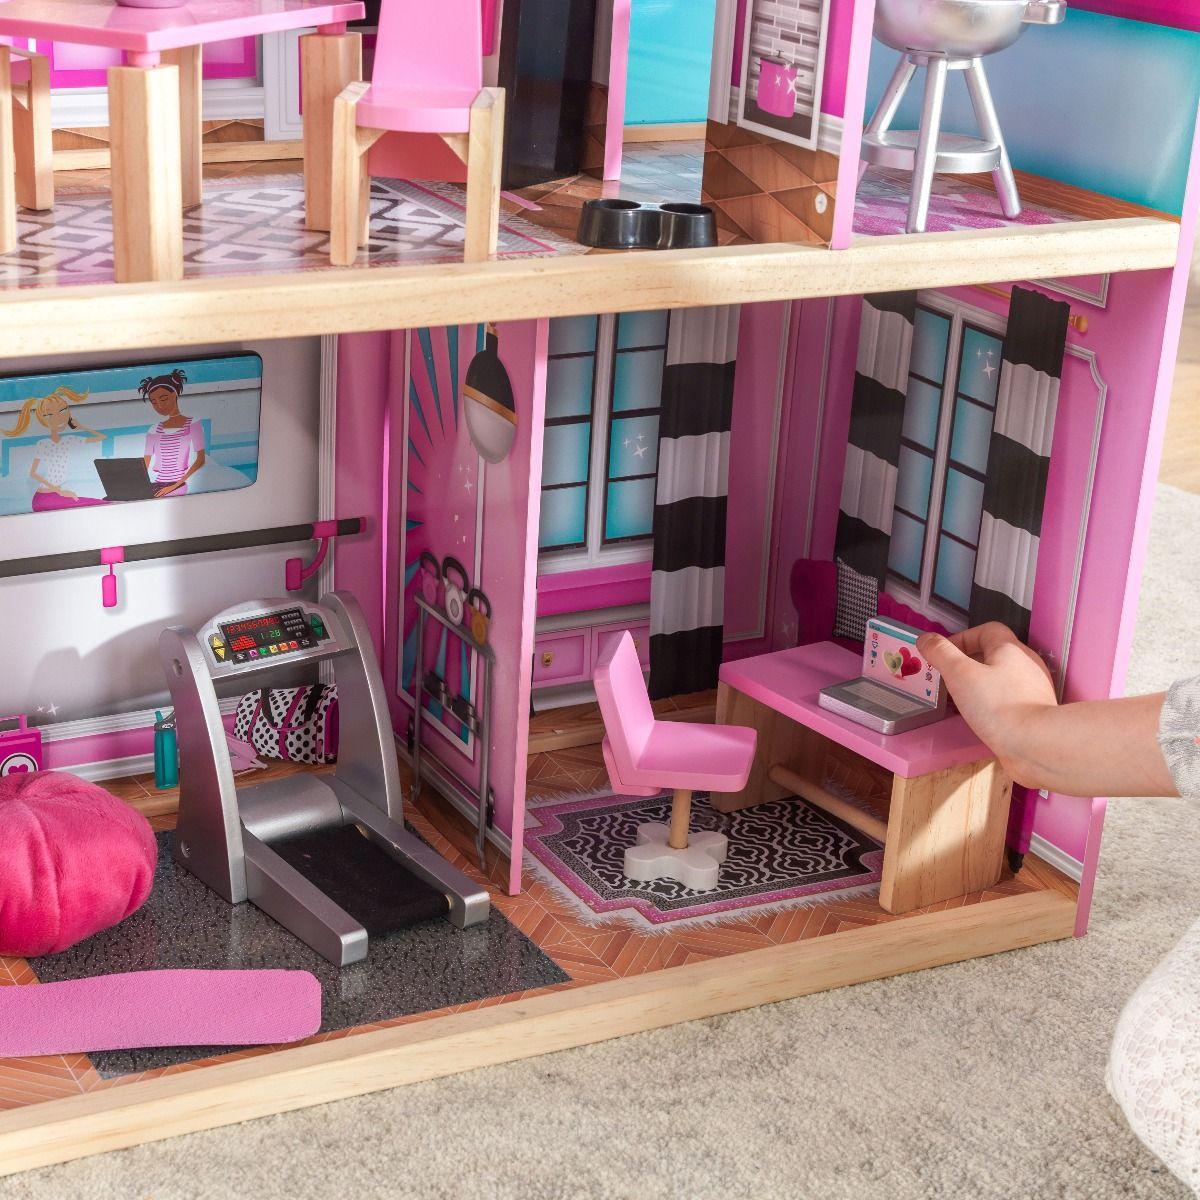 Kidkraft дървена къща за кукли- Самър- детски играчки за момичета(4)Kidkraft дървена къща за кукли- Самър- детски играчки за момичета(9)-bellamiestore